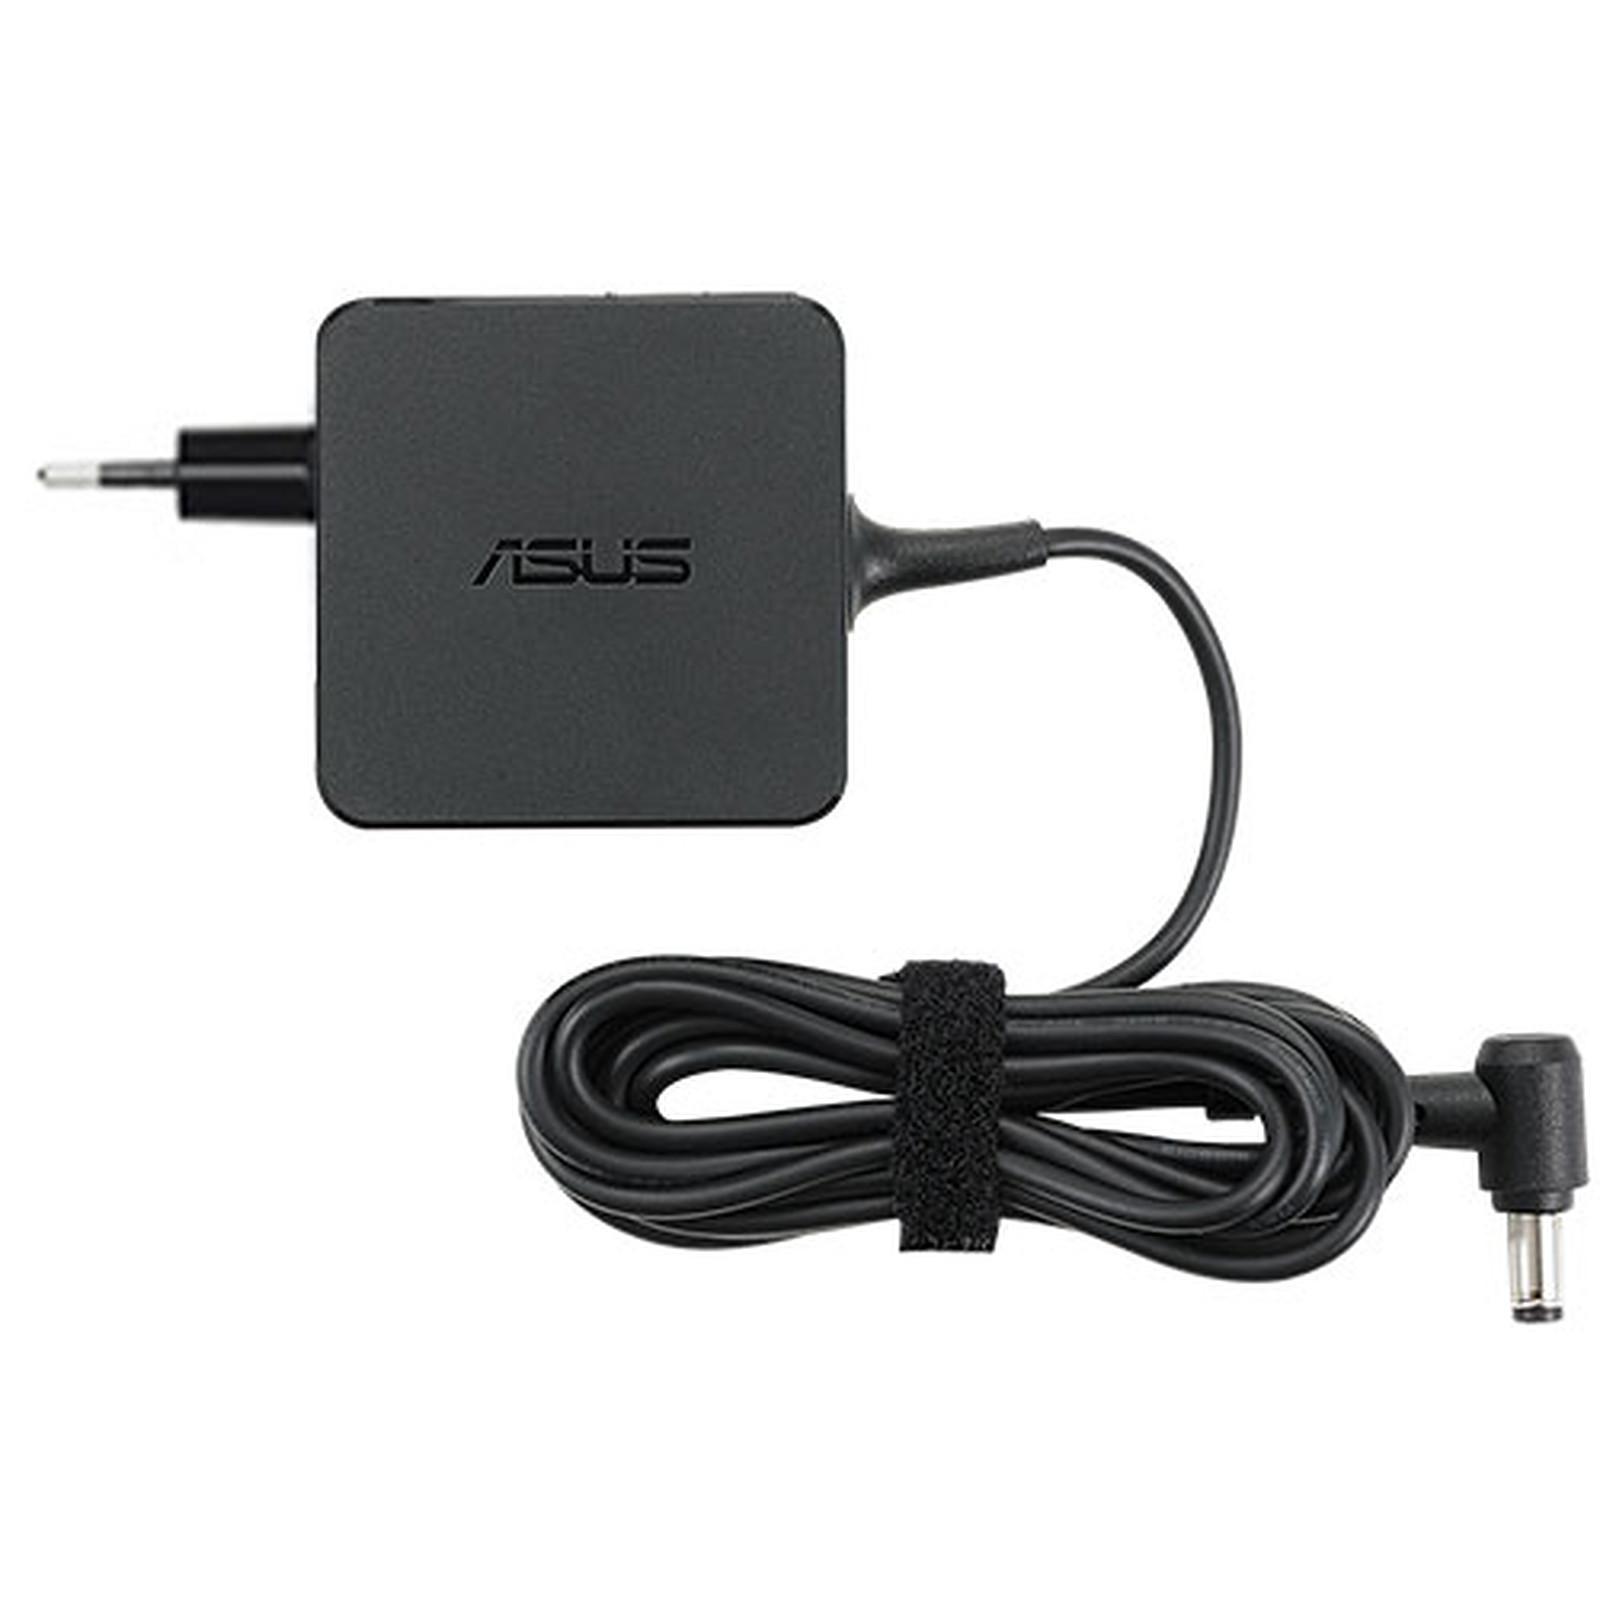 ASUS adaptador de corriente de 33 W (0A001-00340400)